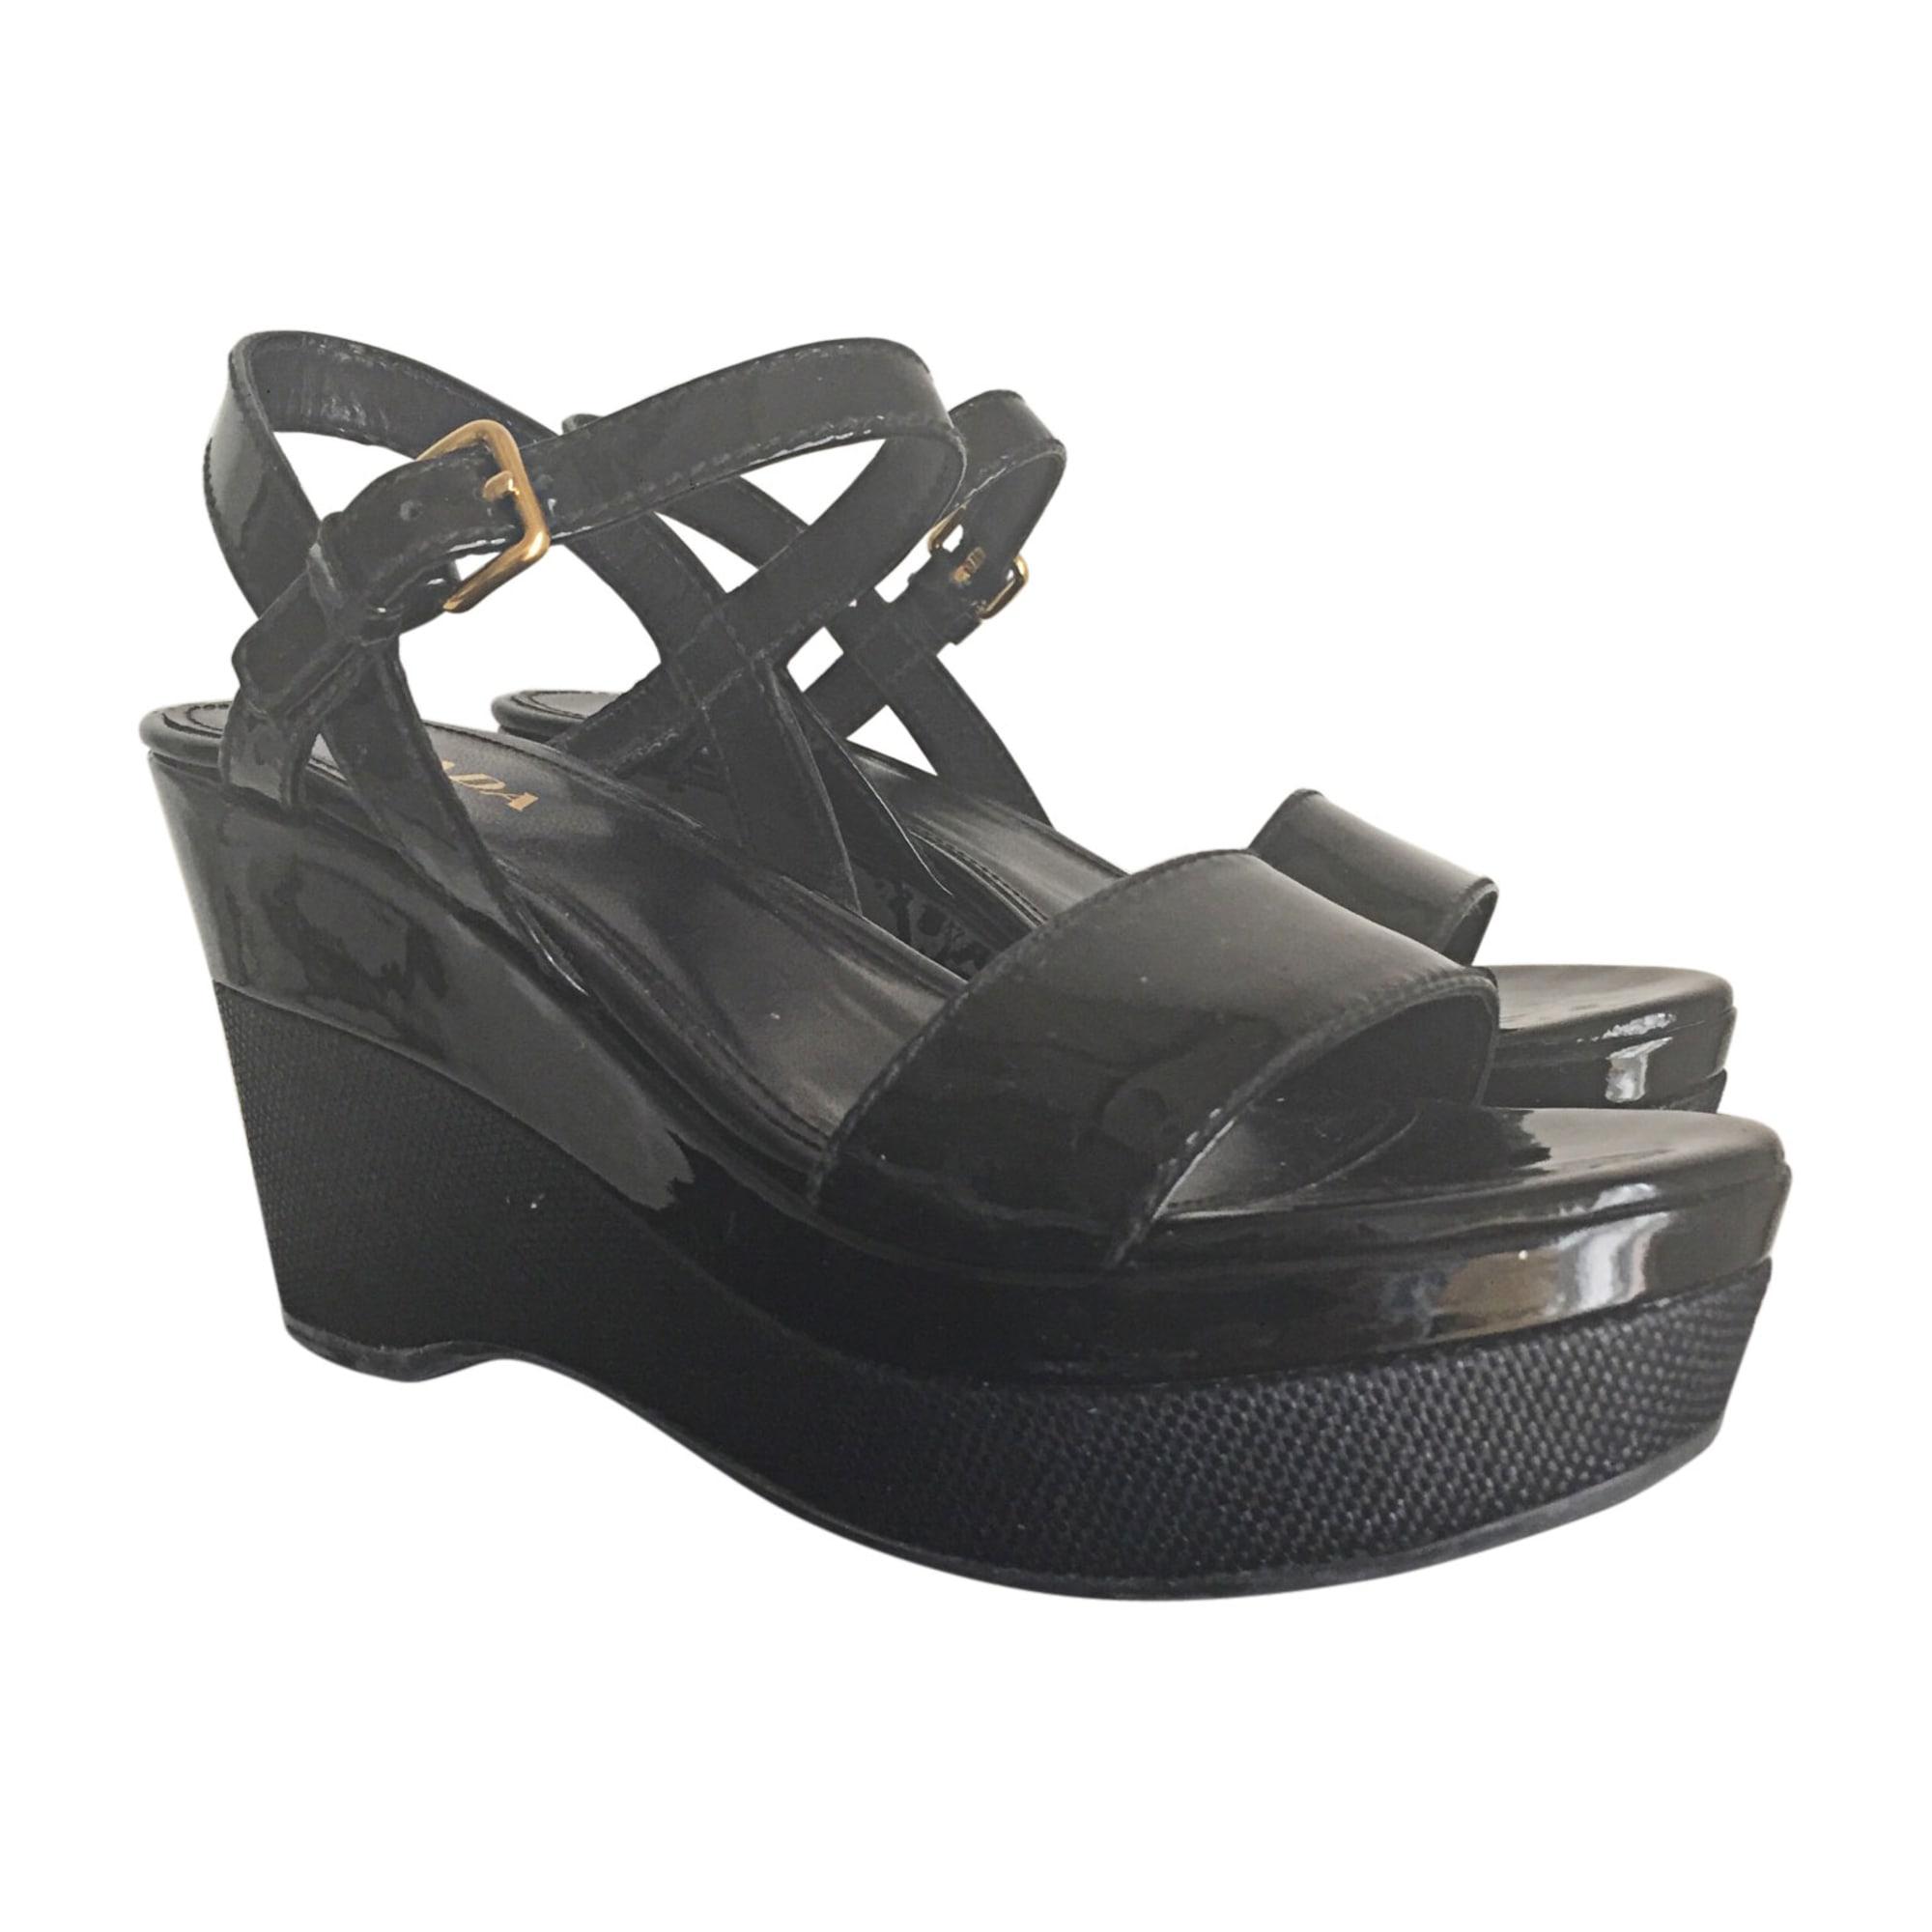 Sandales Prada Compensées 7694771 39 Noir ww1qrg